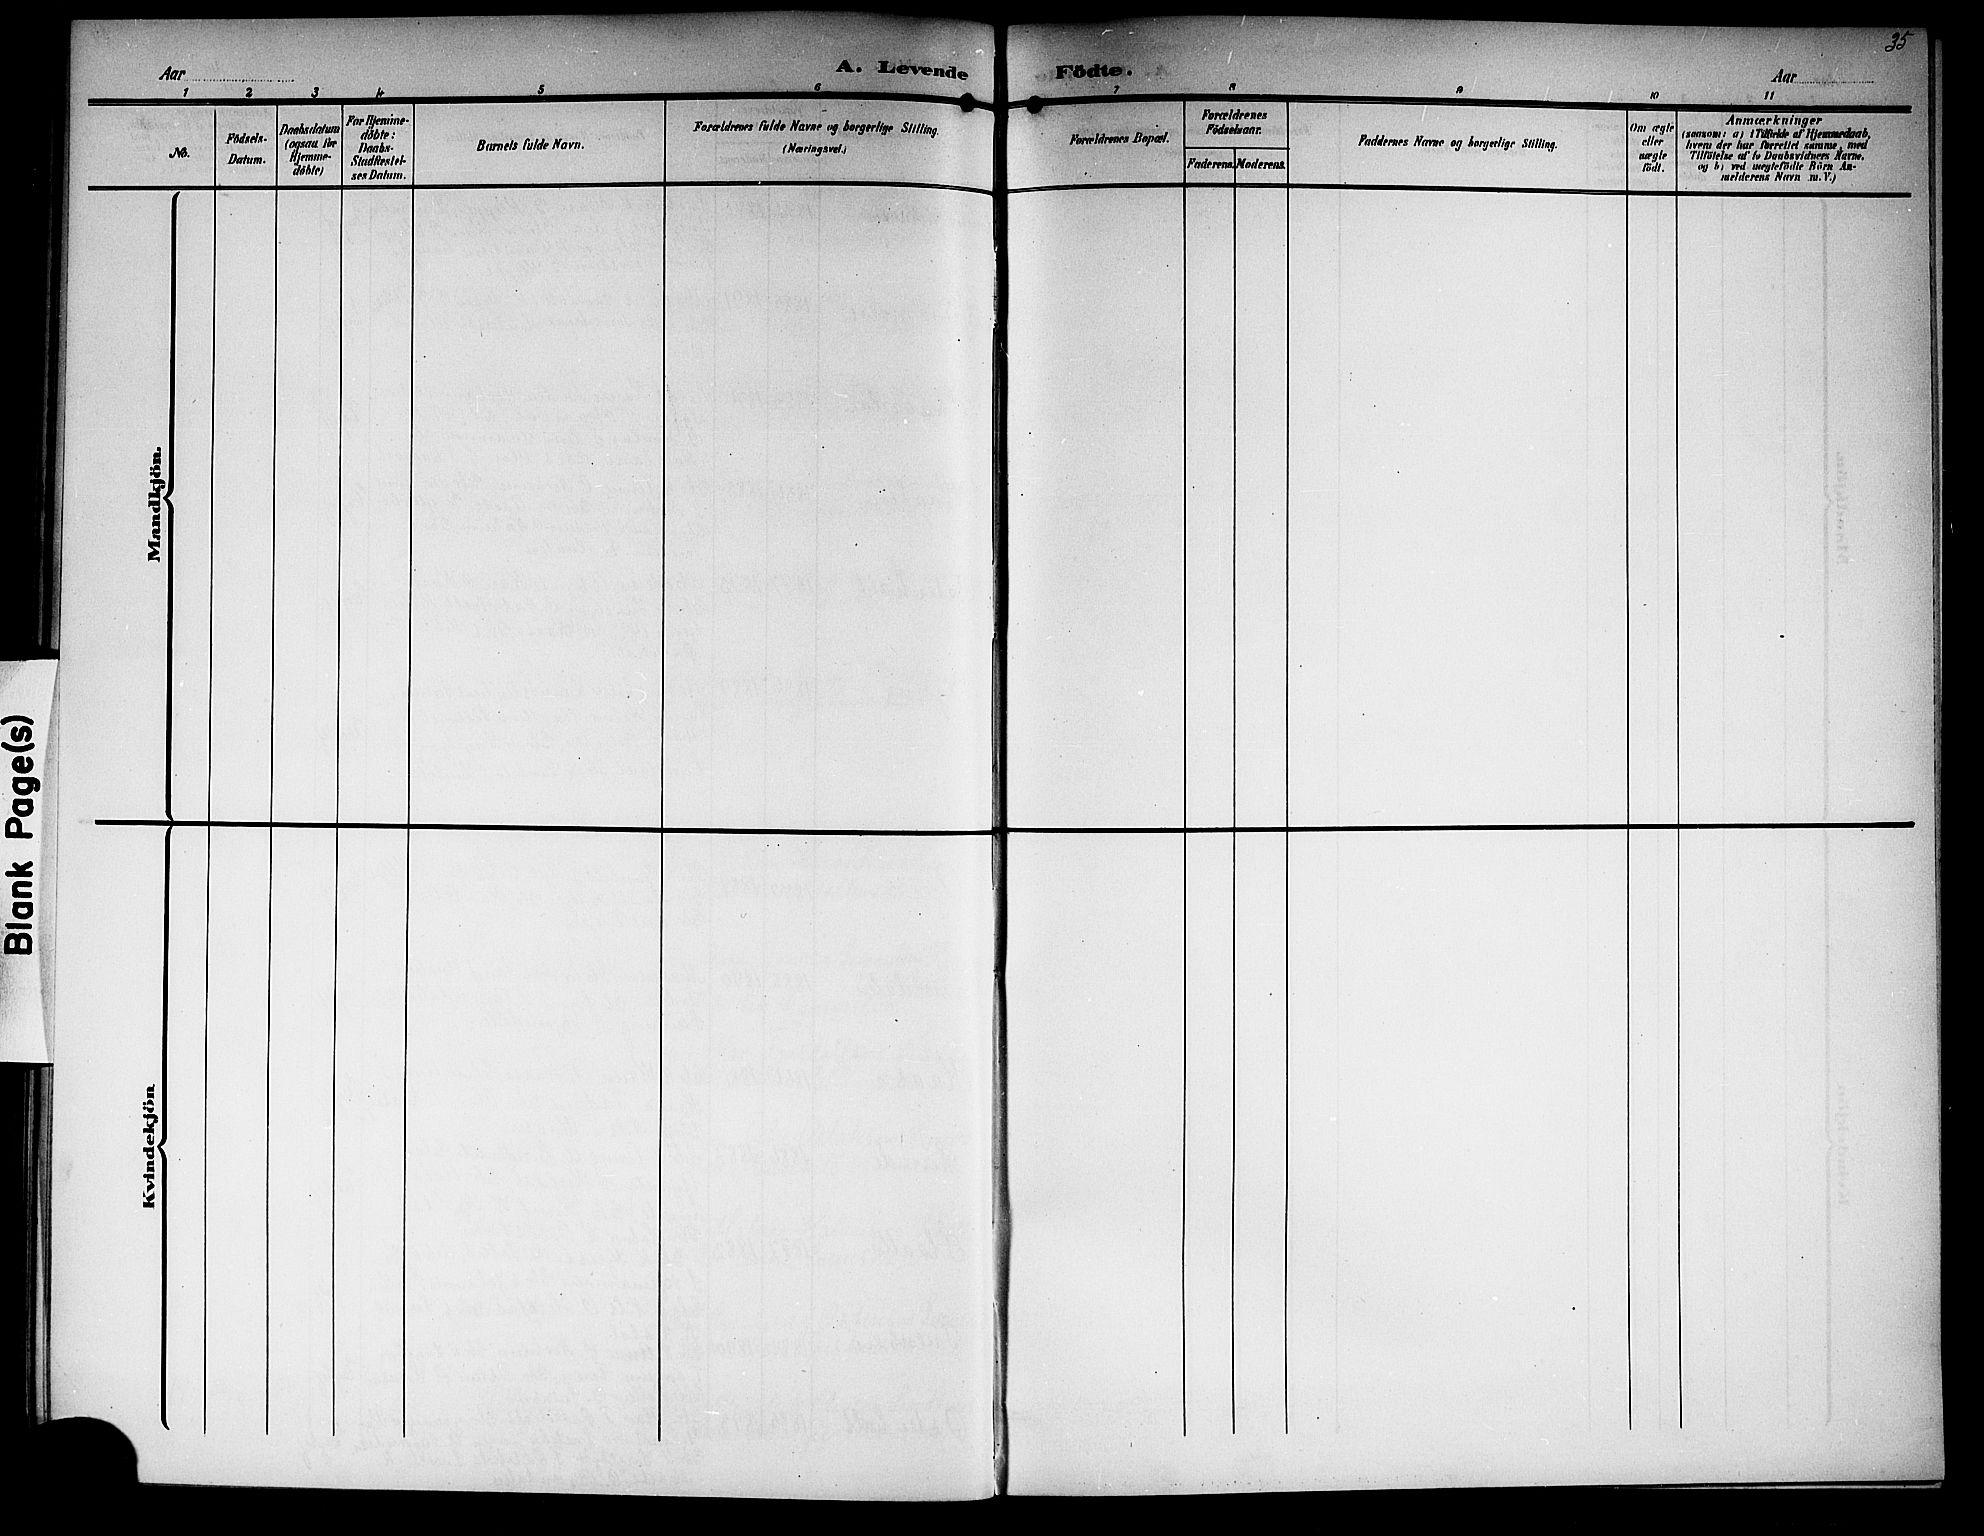 SAKO, Lunde kirkebøker, G/Ga/L0004: Klokkerbok nr. I 4, 1906-1914, s. 35